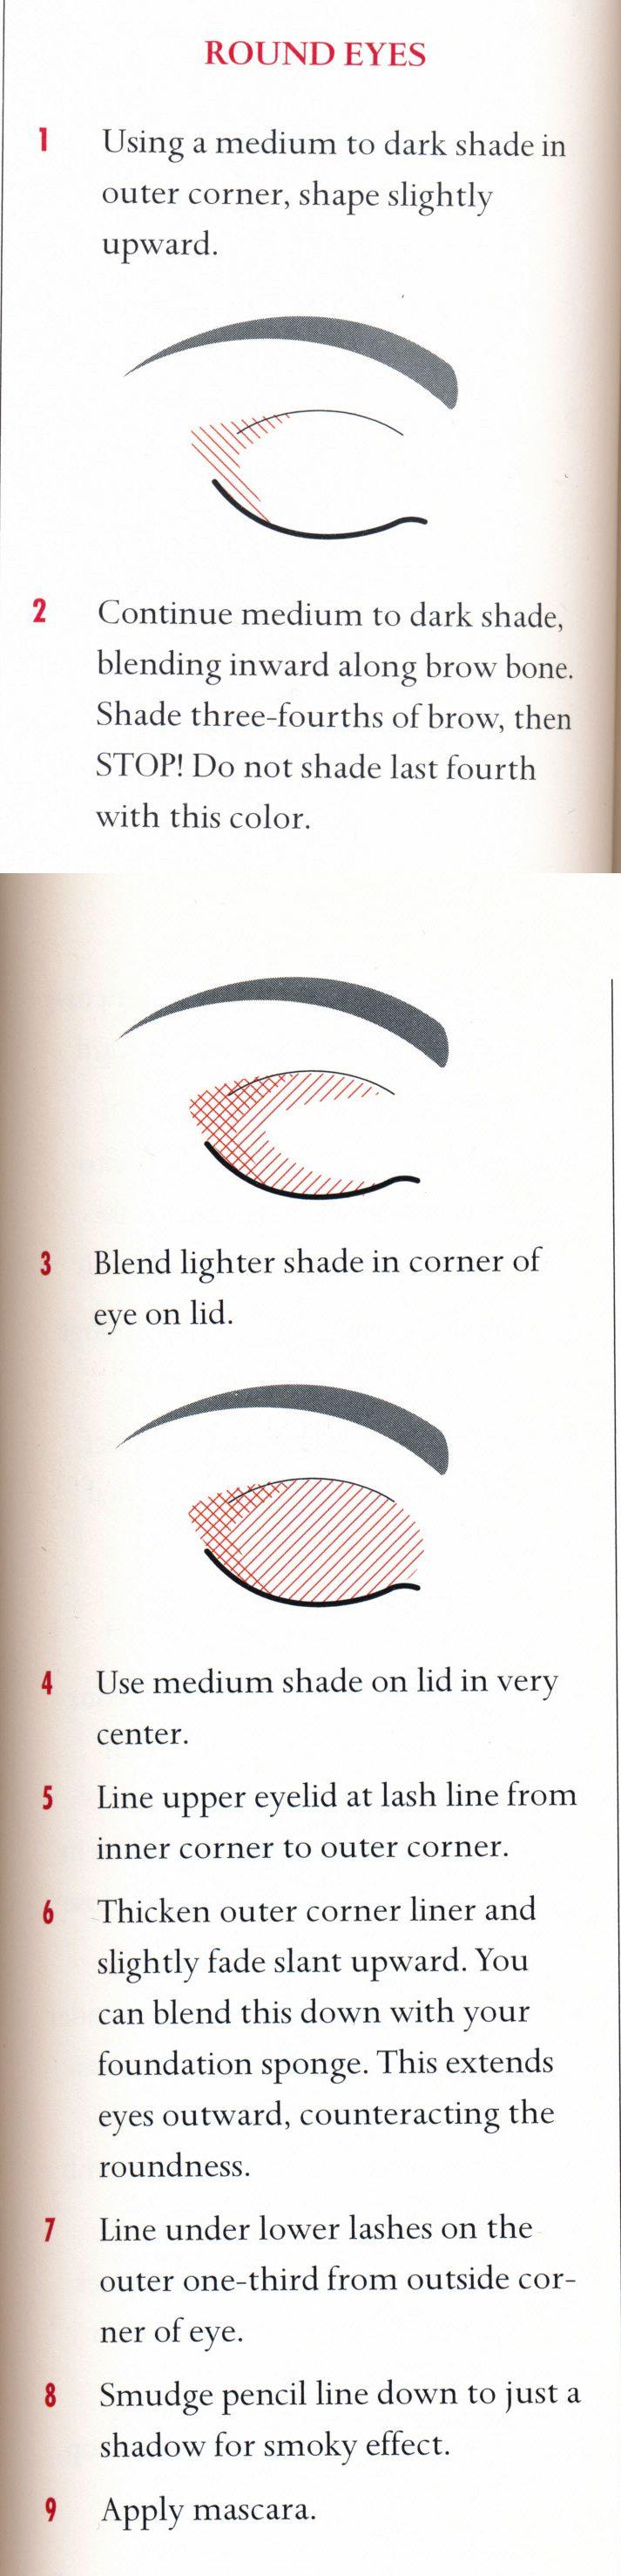 Eye make up for round eyes